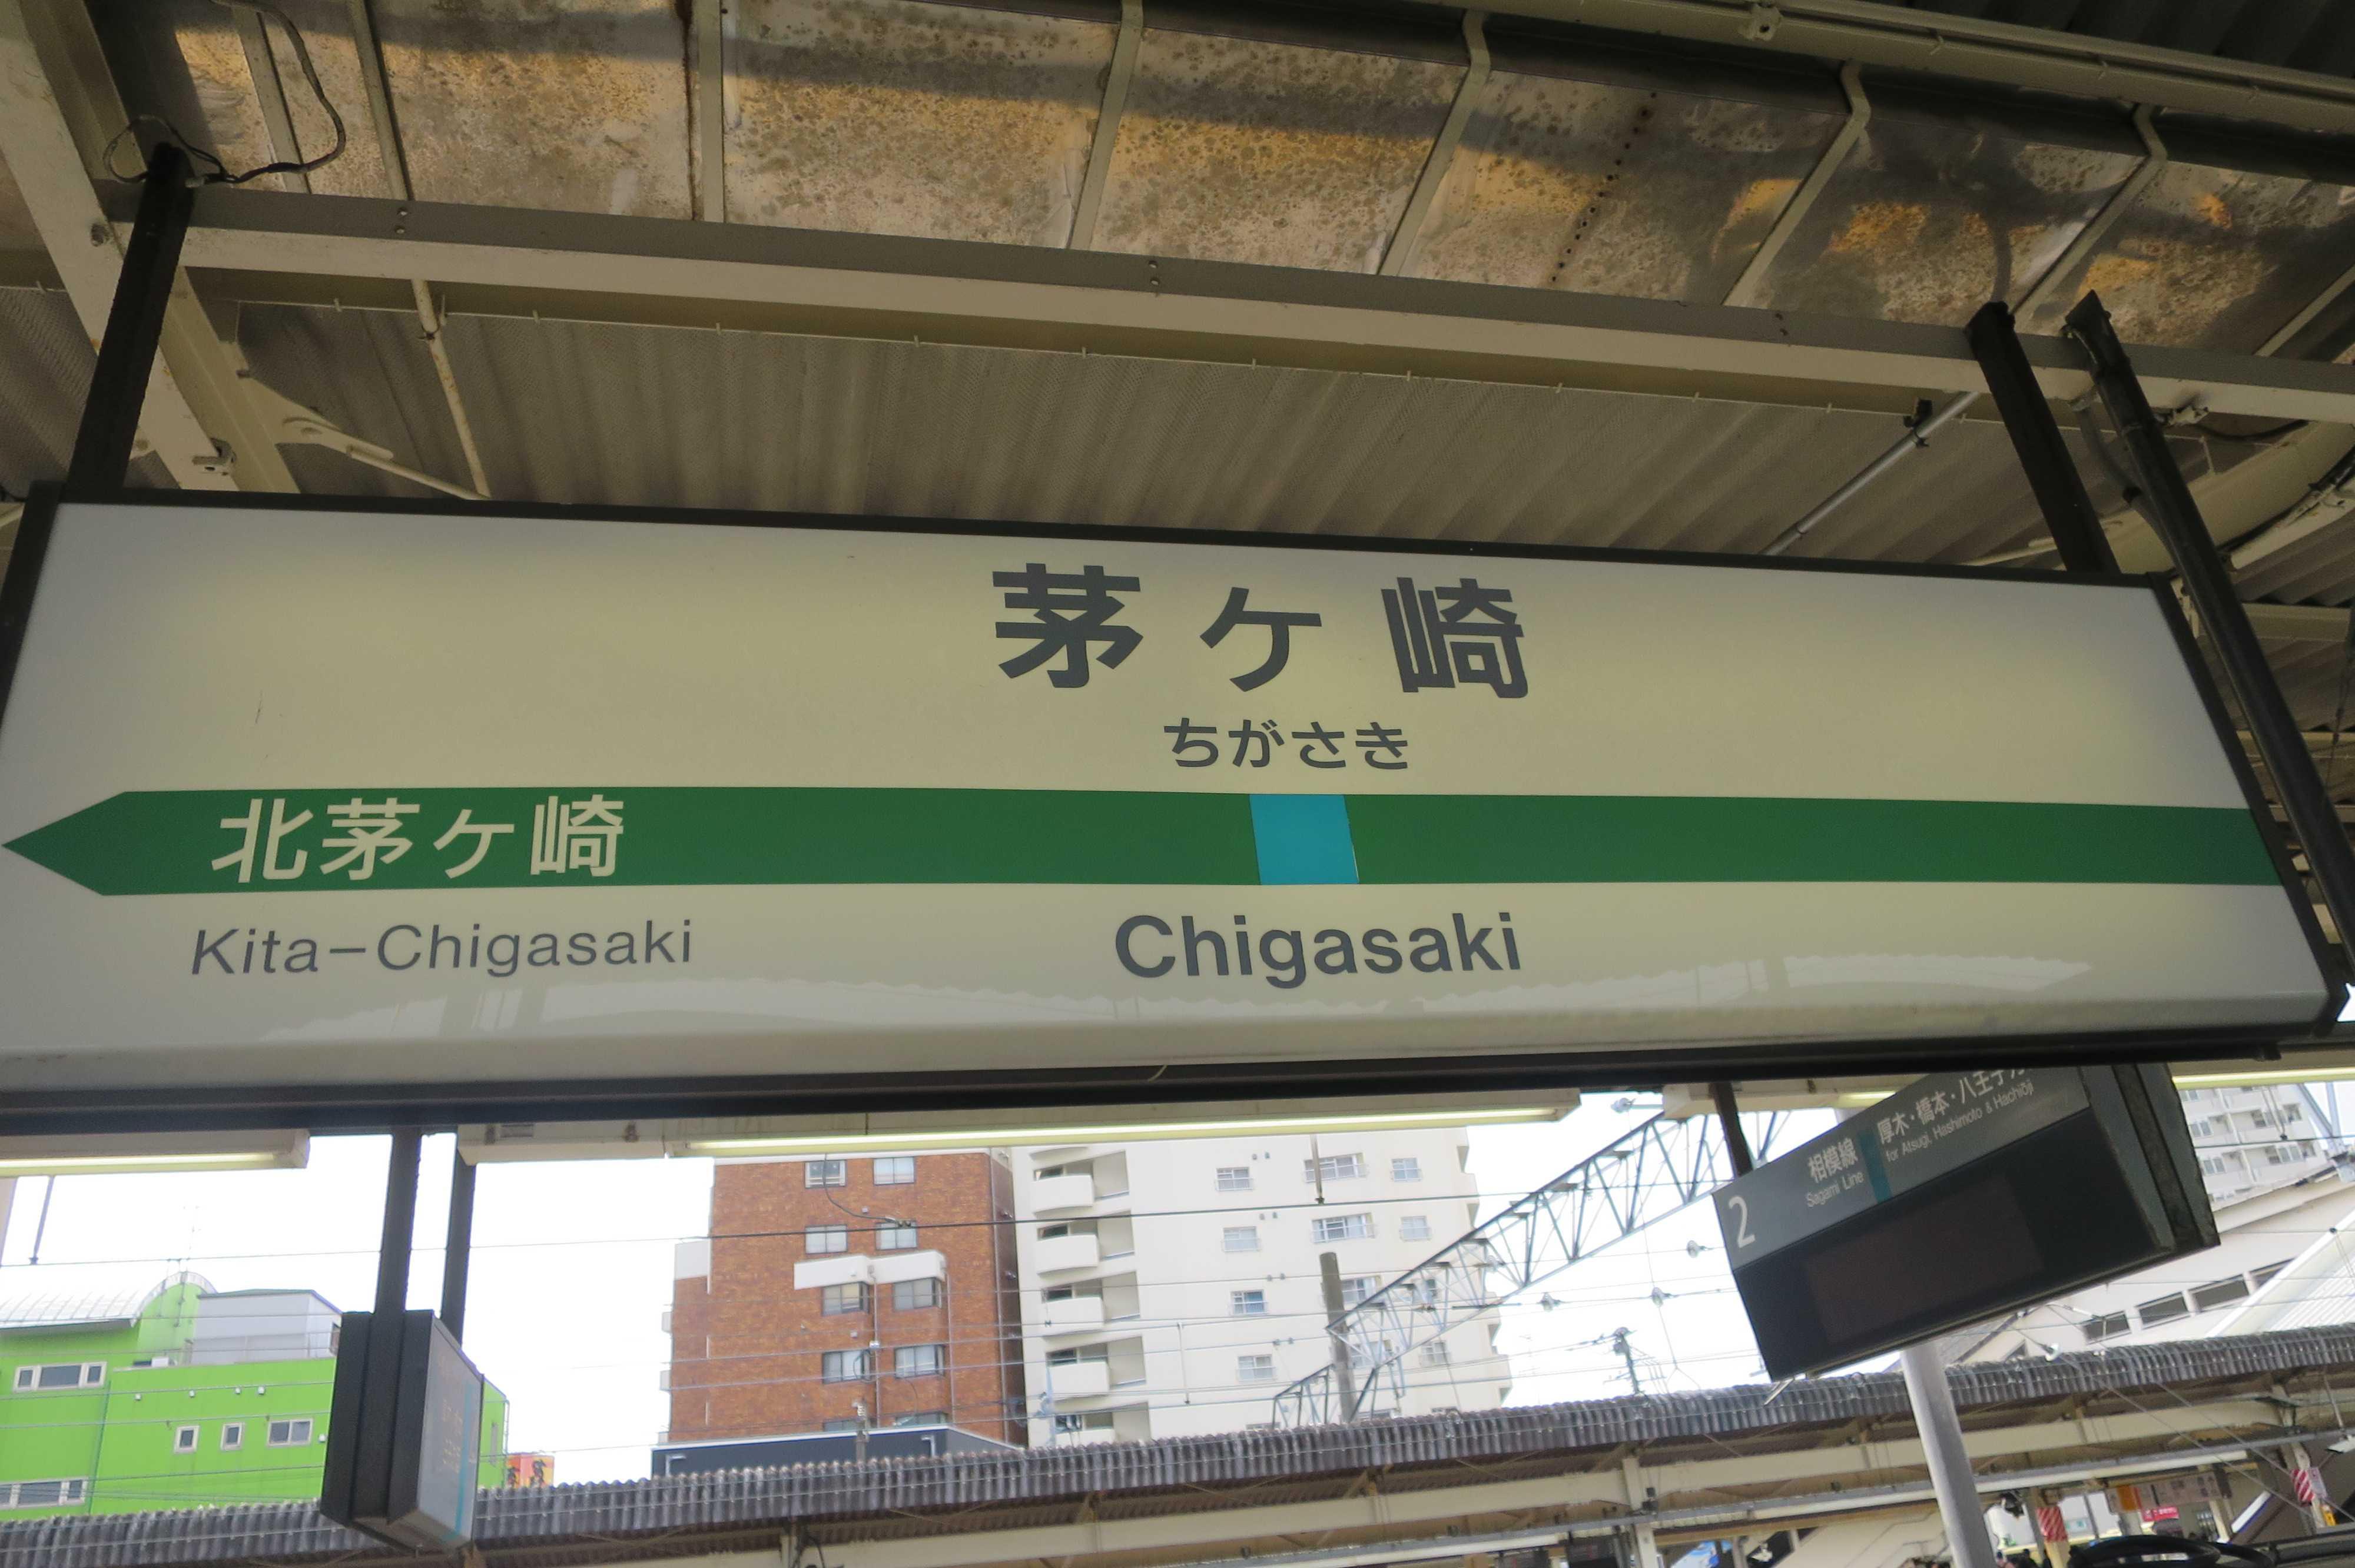 茅ヶ崎(Chigasaki)